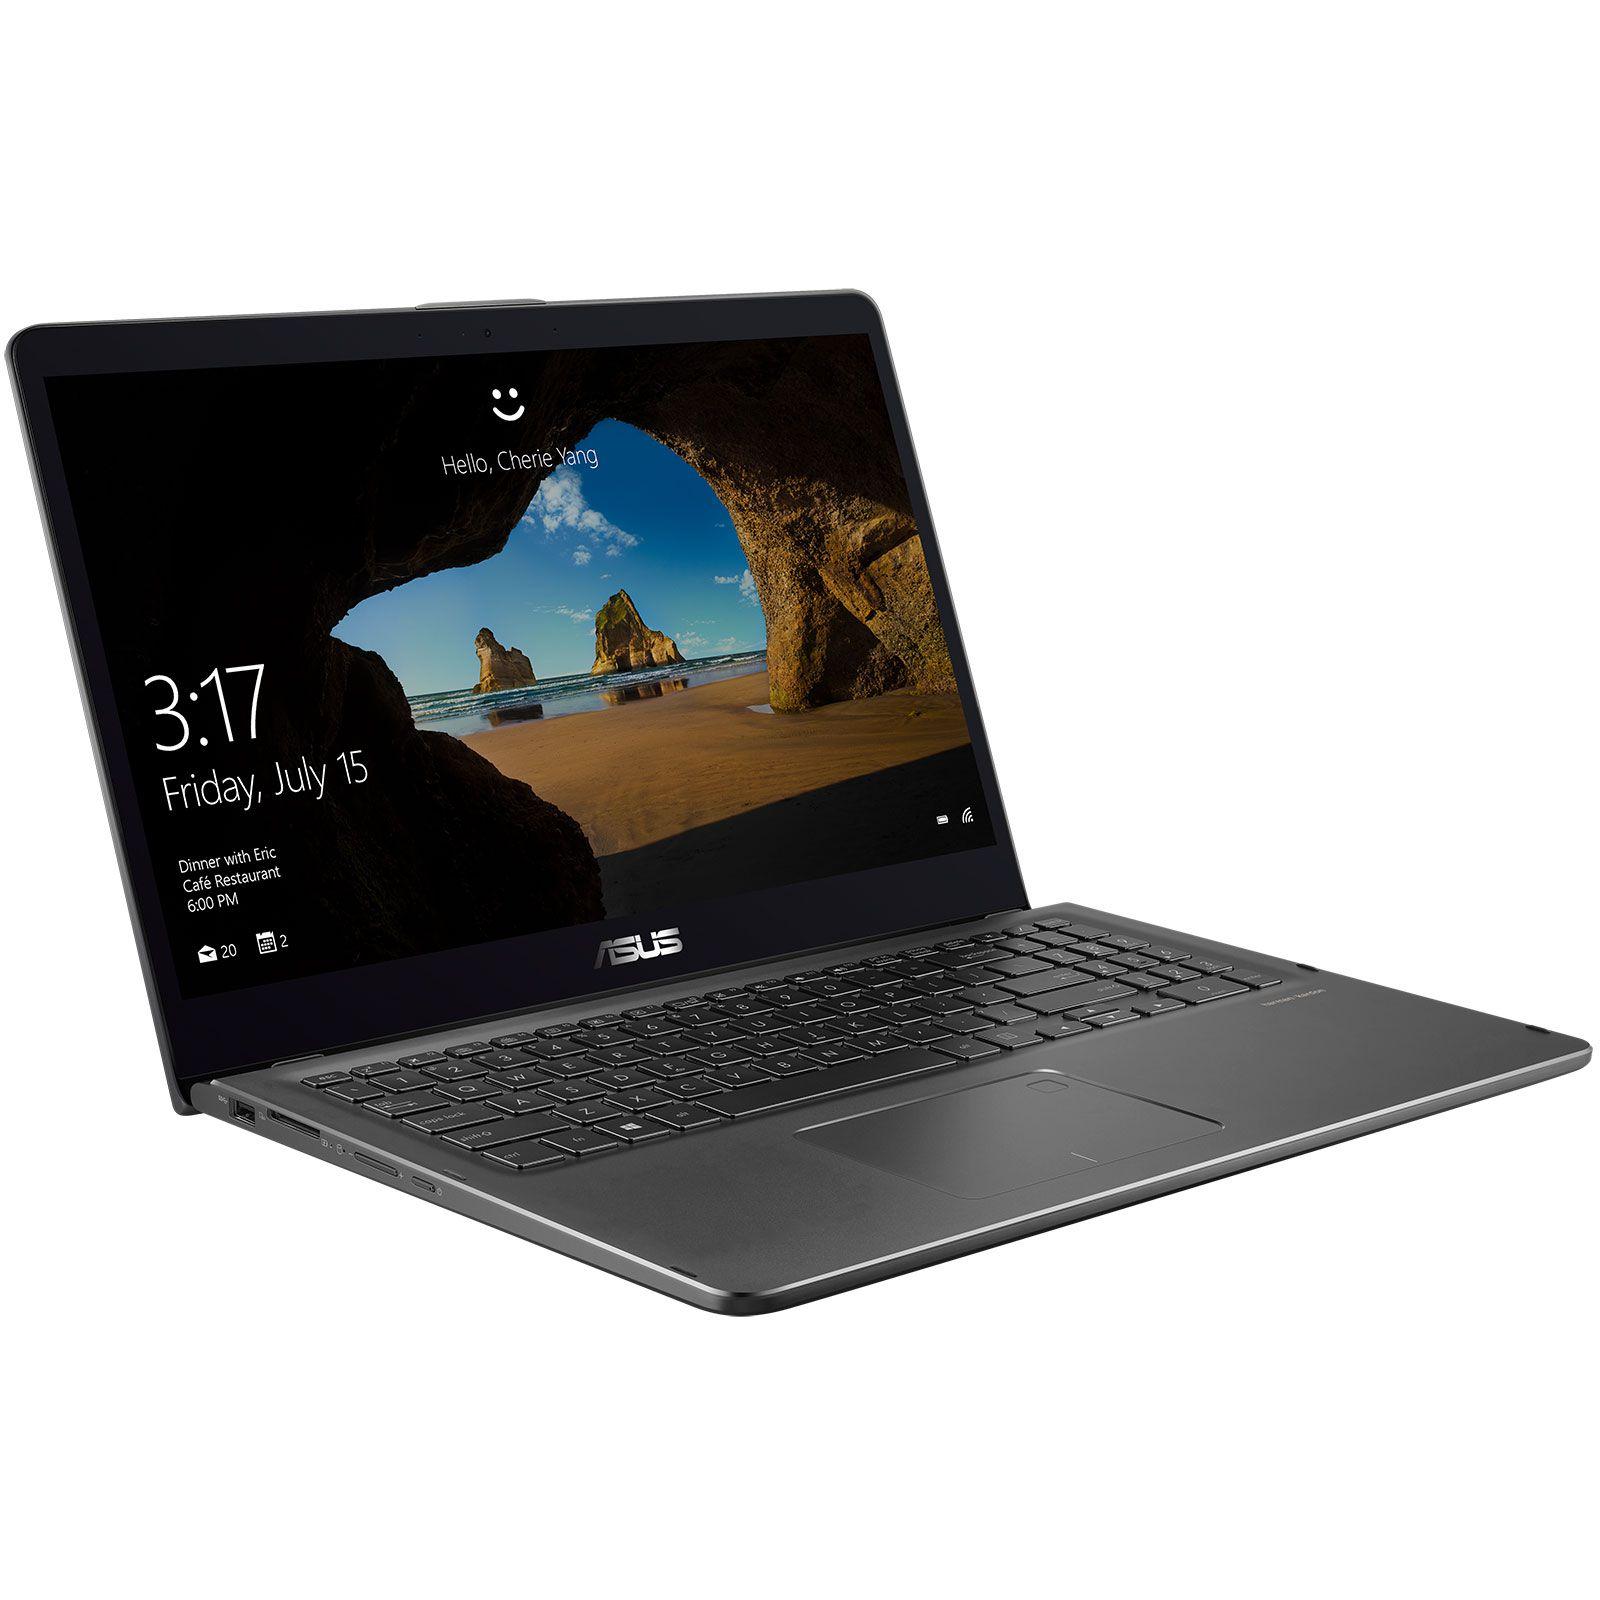 69ec110cb8 Quels sont les meilleurs ordinateurs portables ? - Les Numériques